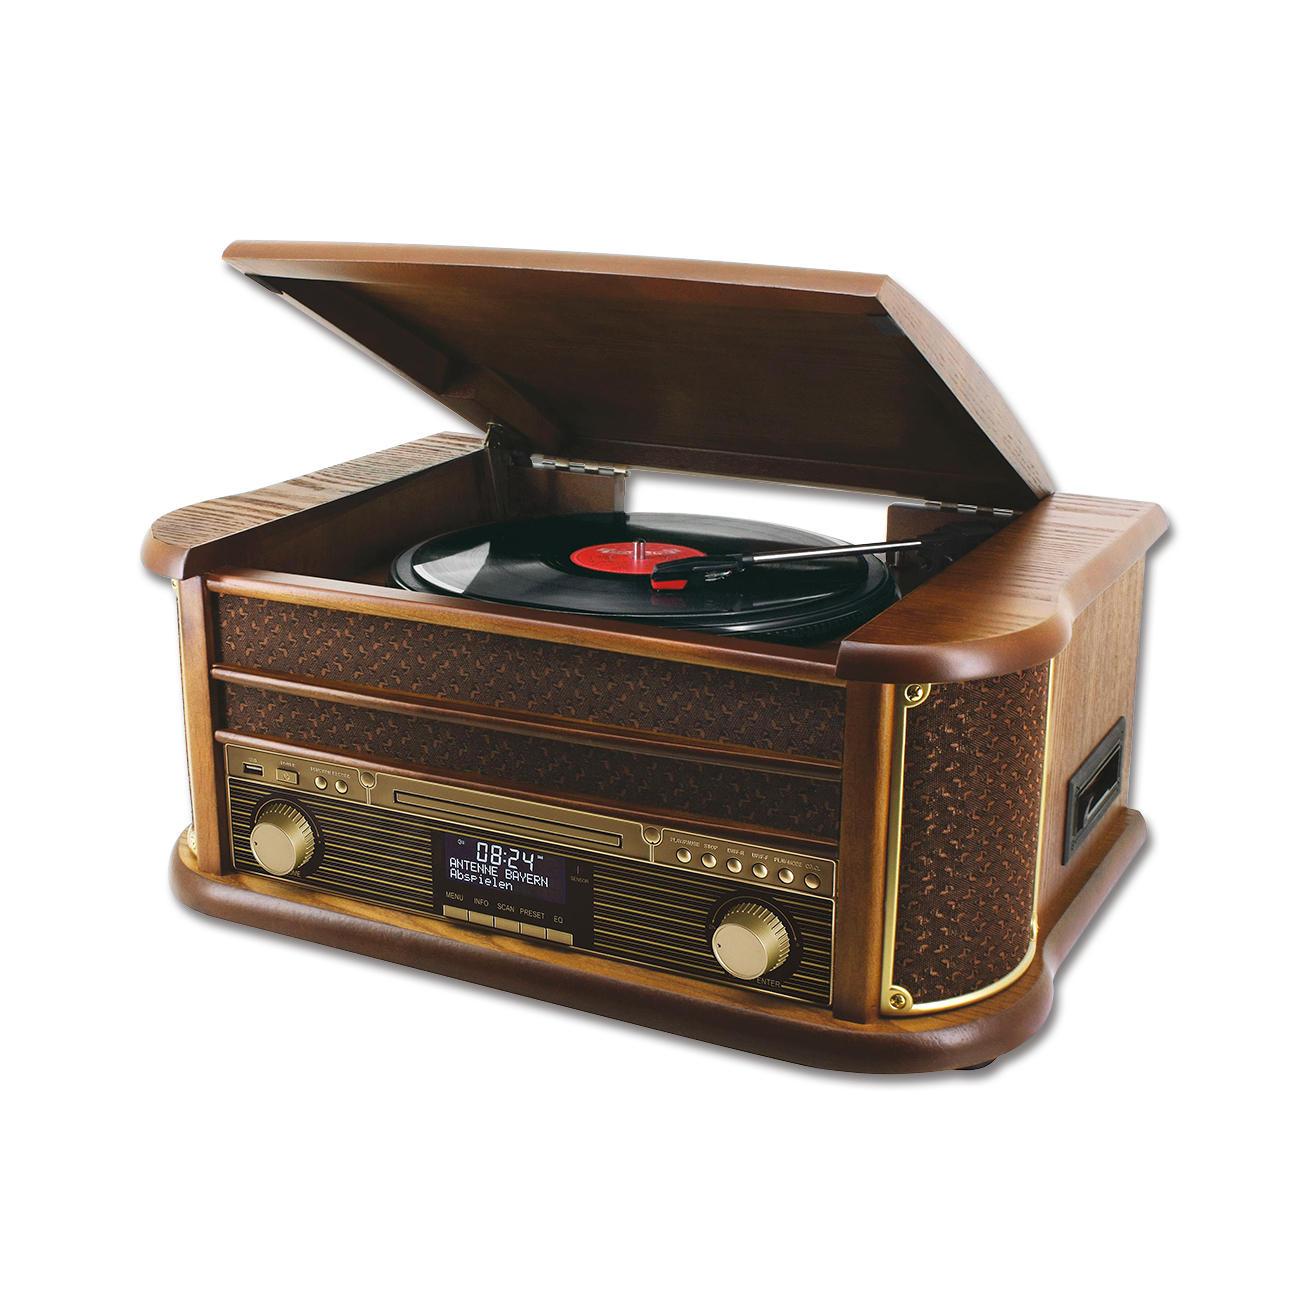 Nostalgie Stereo Musikcenter mit Bluetooth NR545DAB 50er Jahre